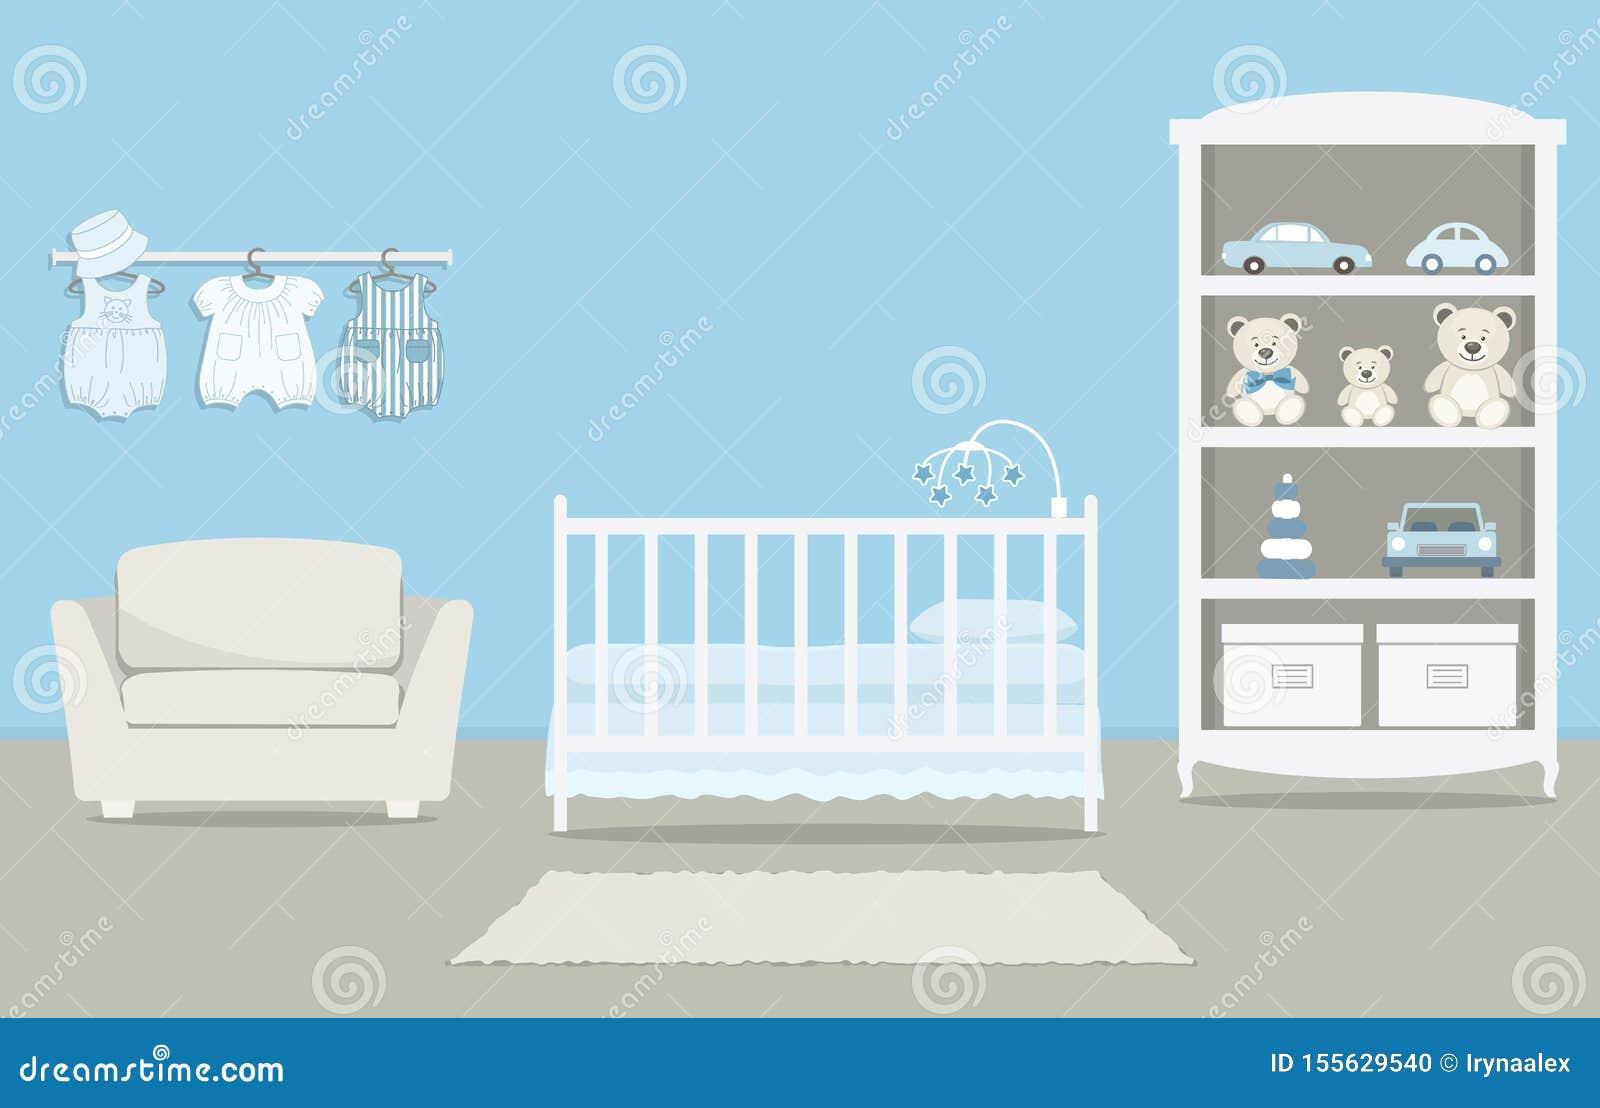 La stanza del bambino per un neonato Camera da letto interna per un neonato in un colore blu